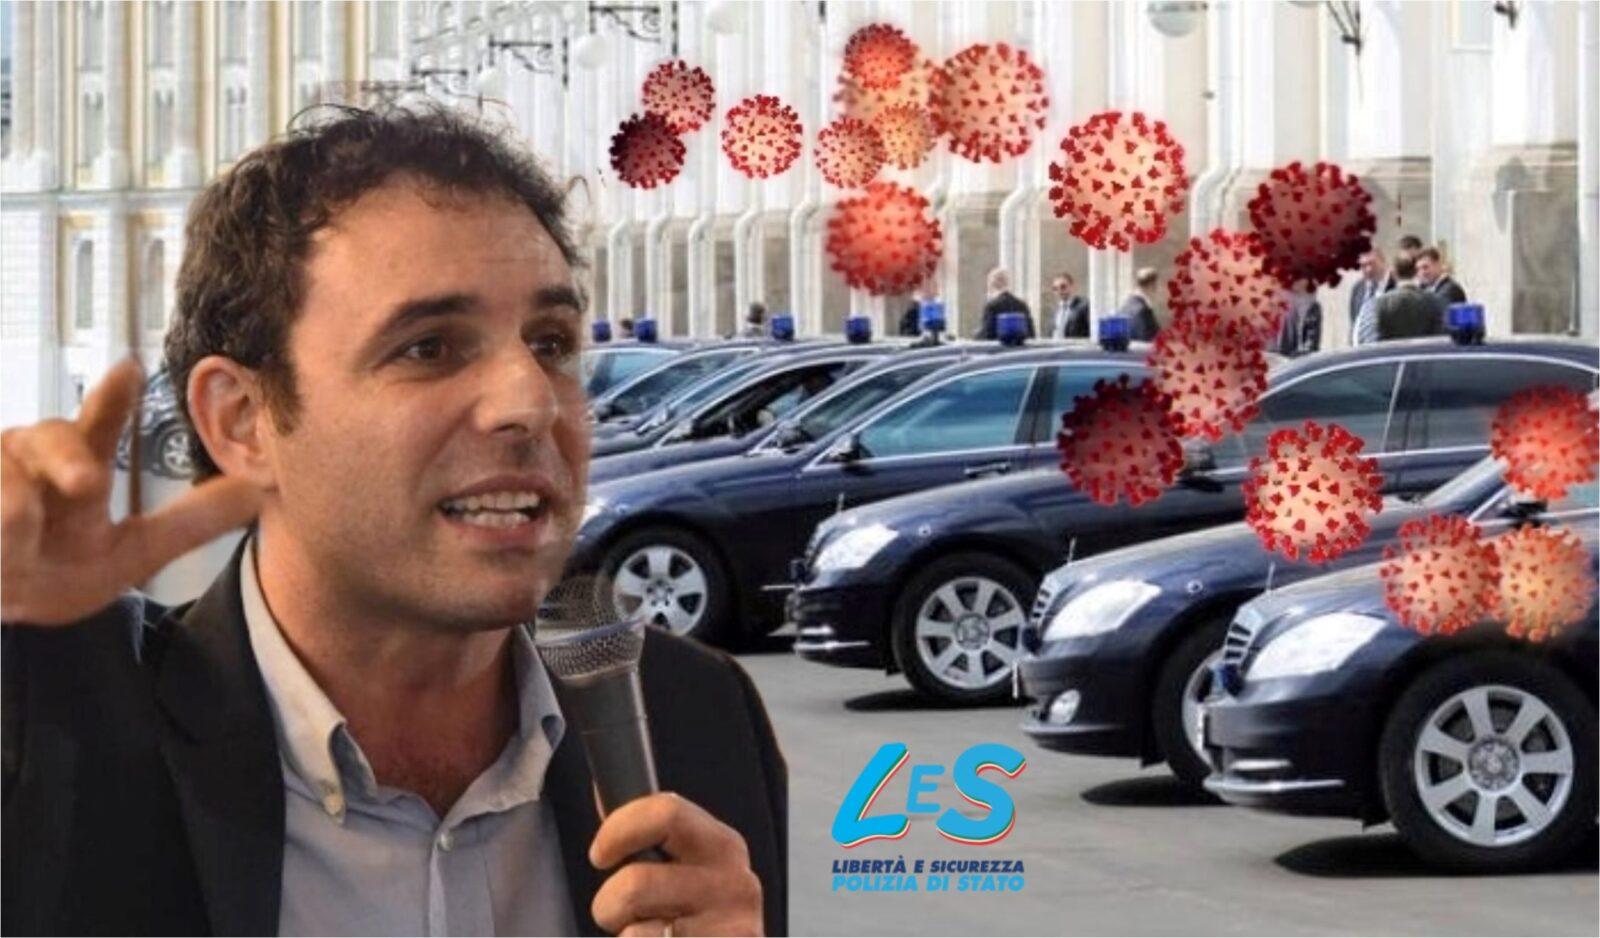 Giovanni Iacoi, Segretario Generale del Sindacato di Polizia LeS (Libertà e Sicurezza)